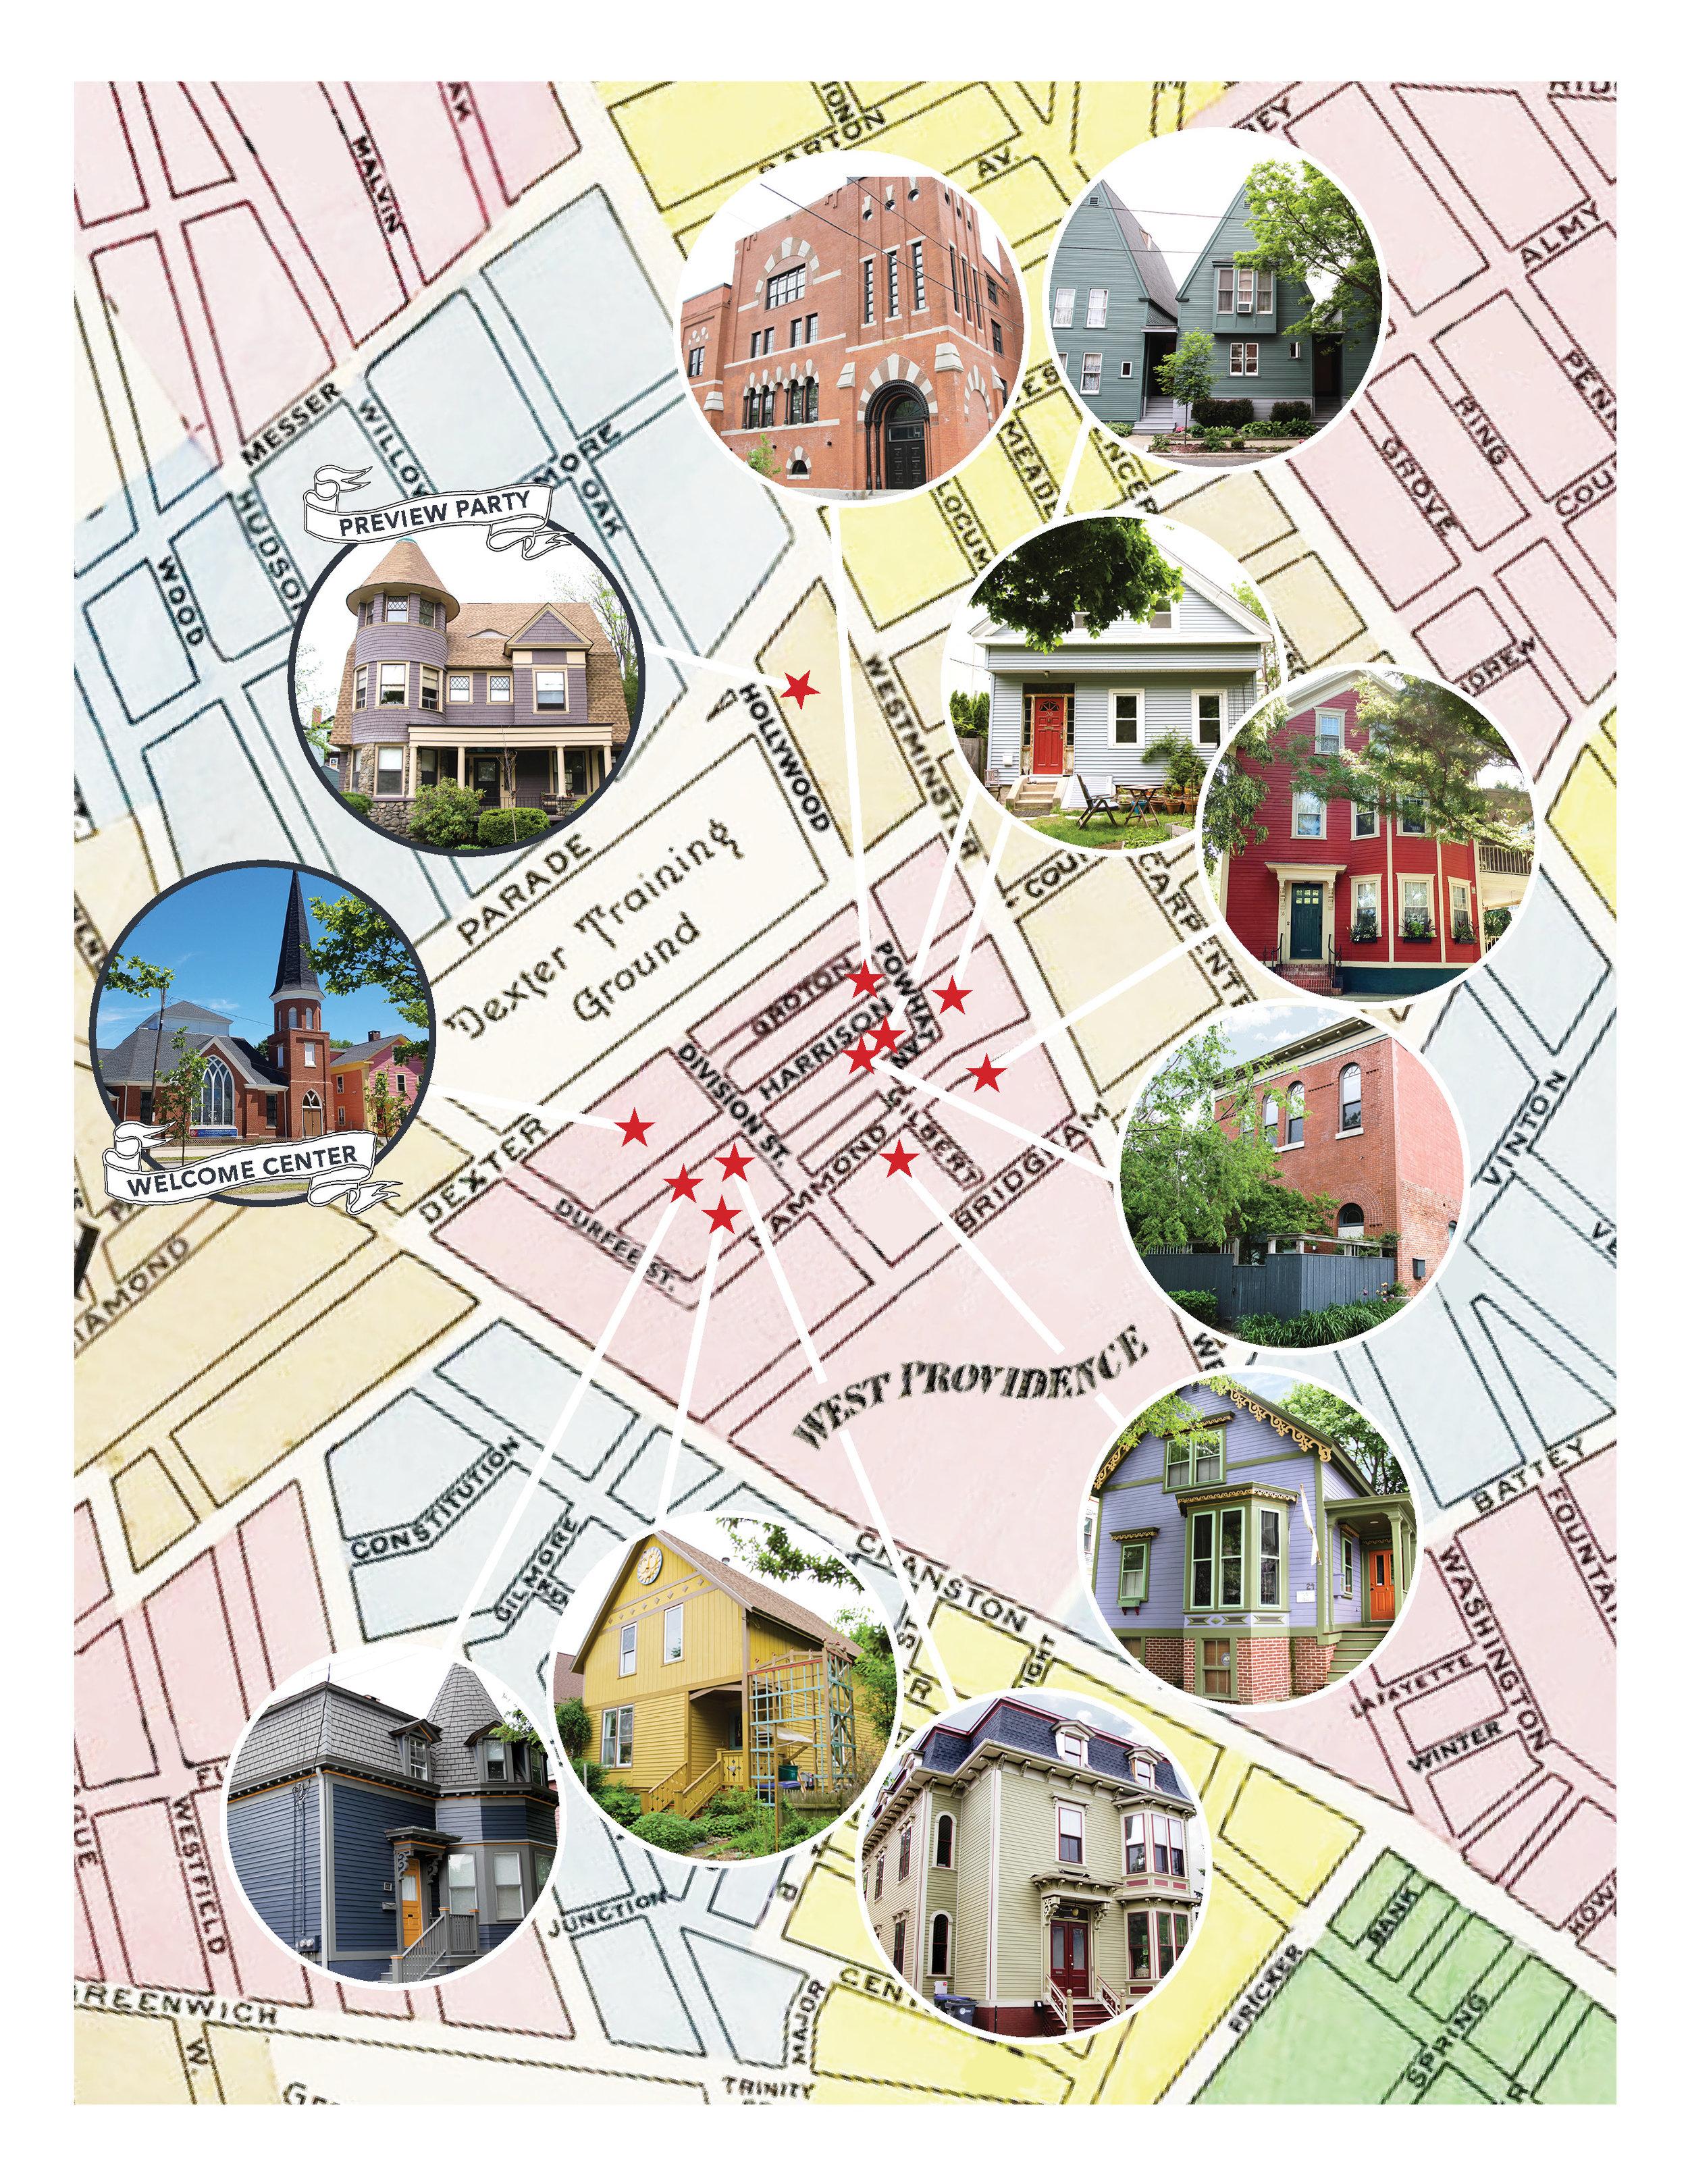 sanborn-map-tour-route_7-6-18.jpg